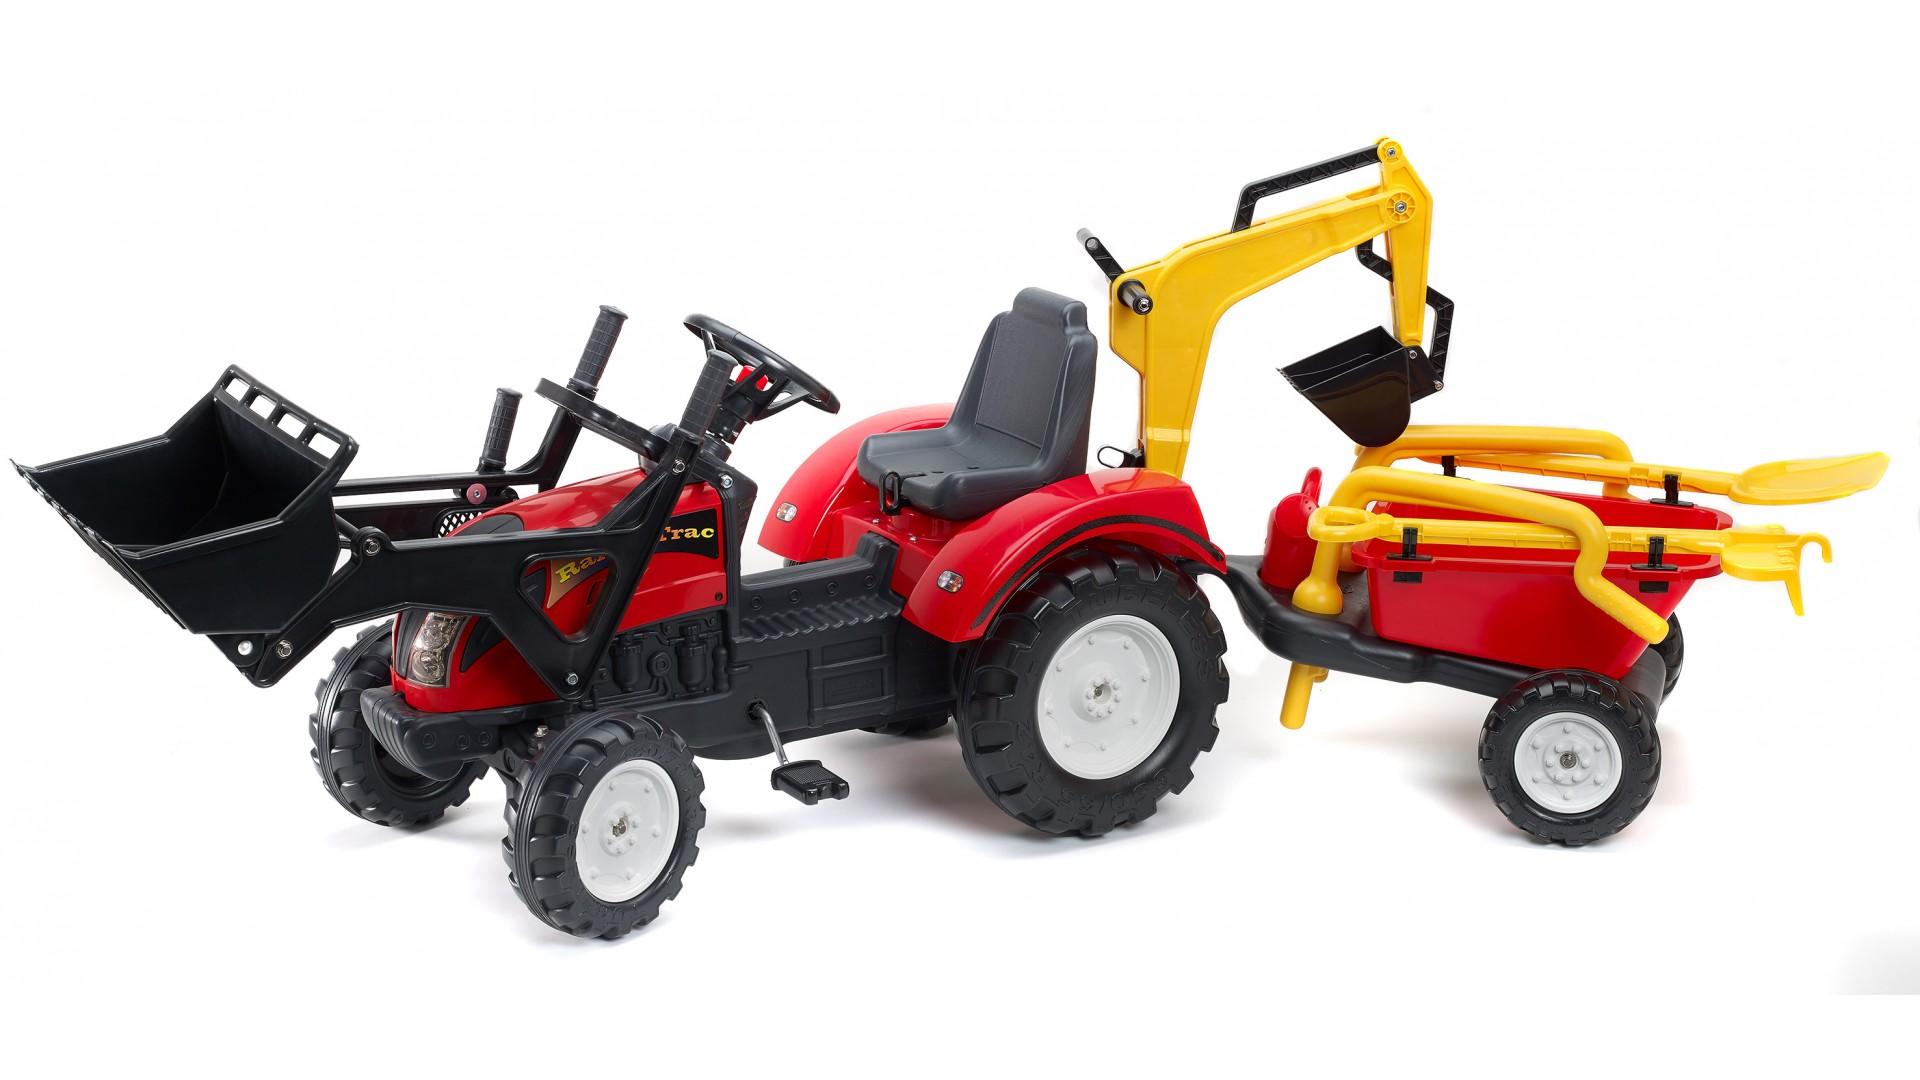 Трактор-экскаватор педальный с прицепом красный 220см.Педальные машины и трактора<br>Трактор-экскаватор педальный с прицепом красный 220см.<br>